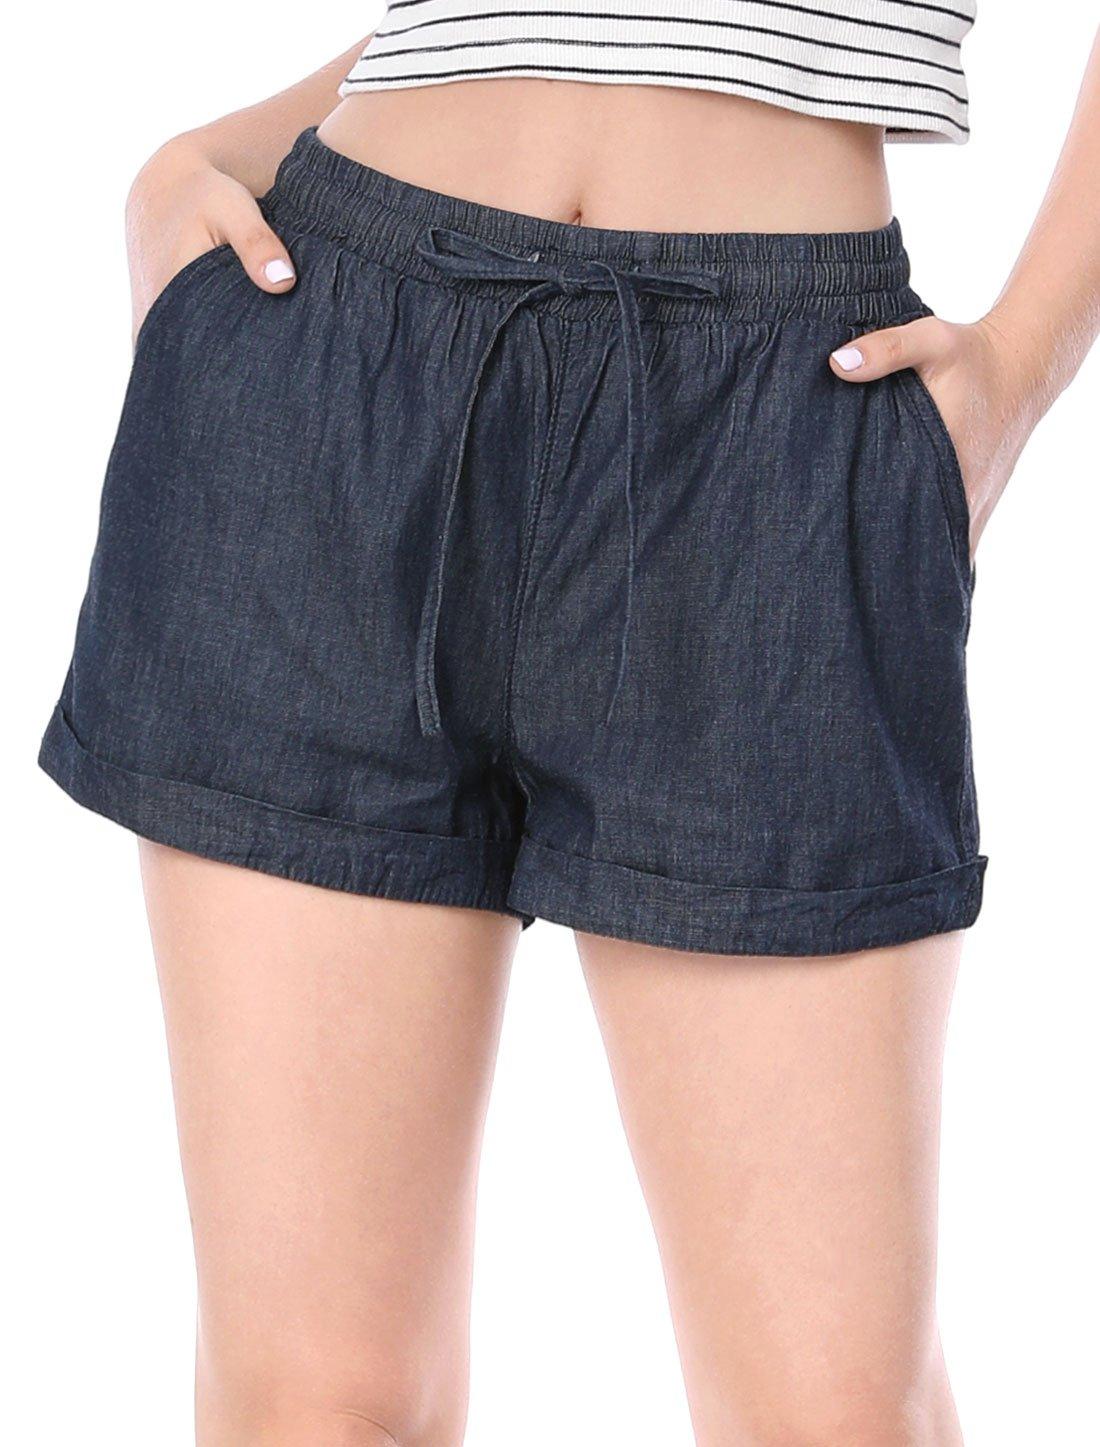 Allegra K Women's Elastic Drawstring Waist Rolled Cuffs Denim Shorts L Dark Blue